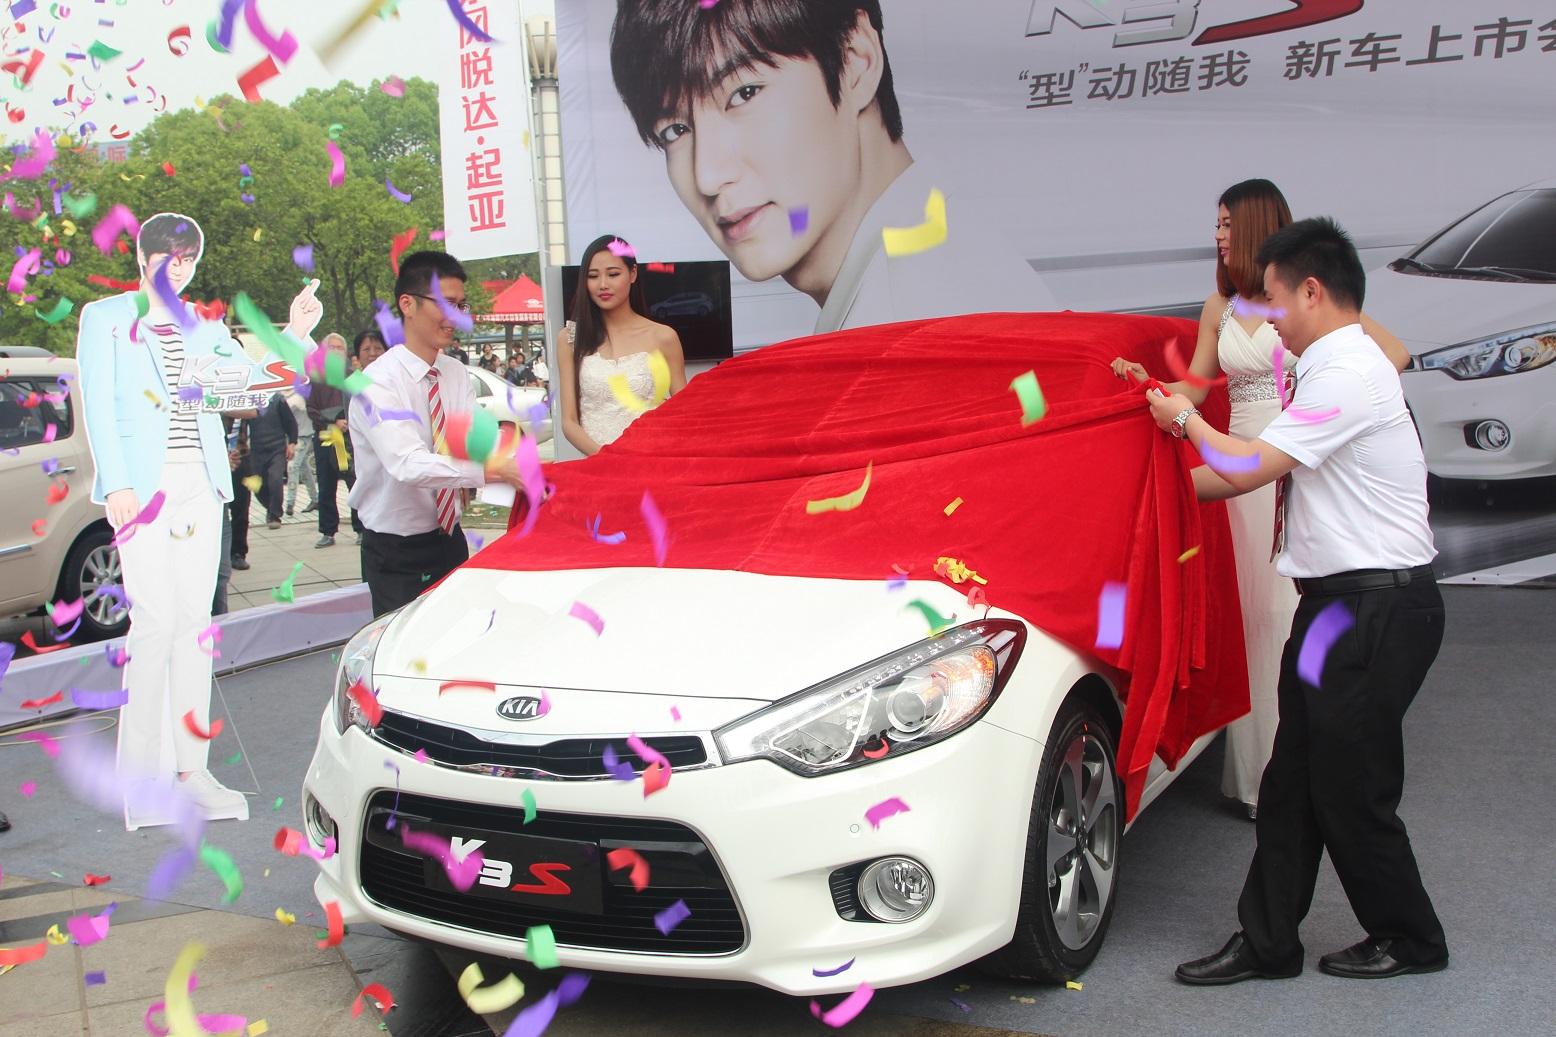 起亚K3S衢州车展上市 售10.18万―-14.38万(图)